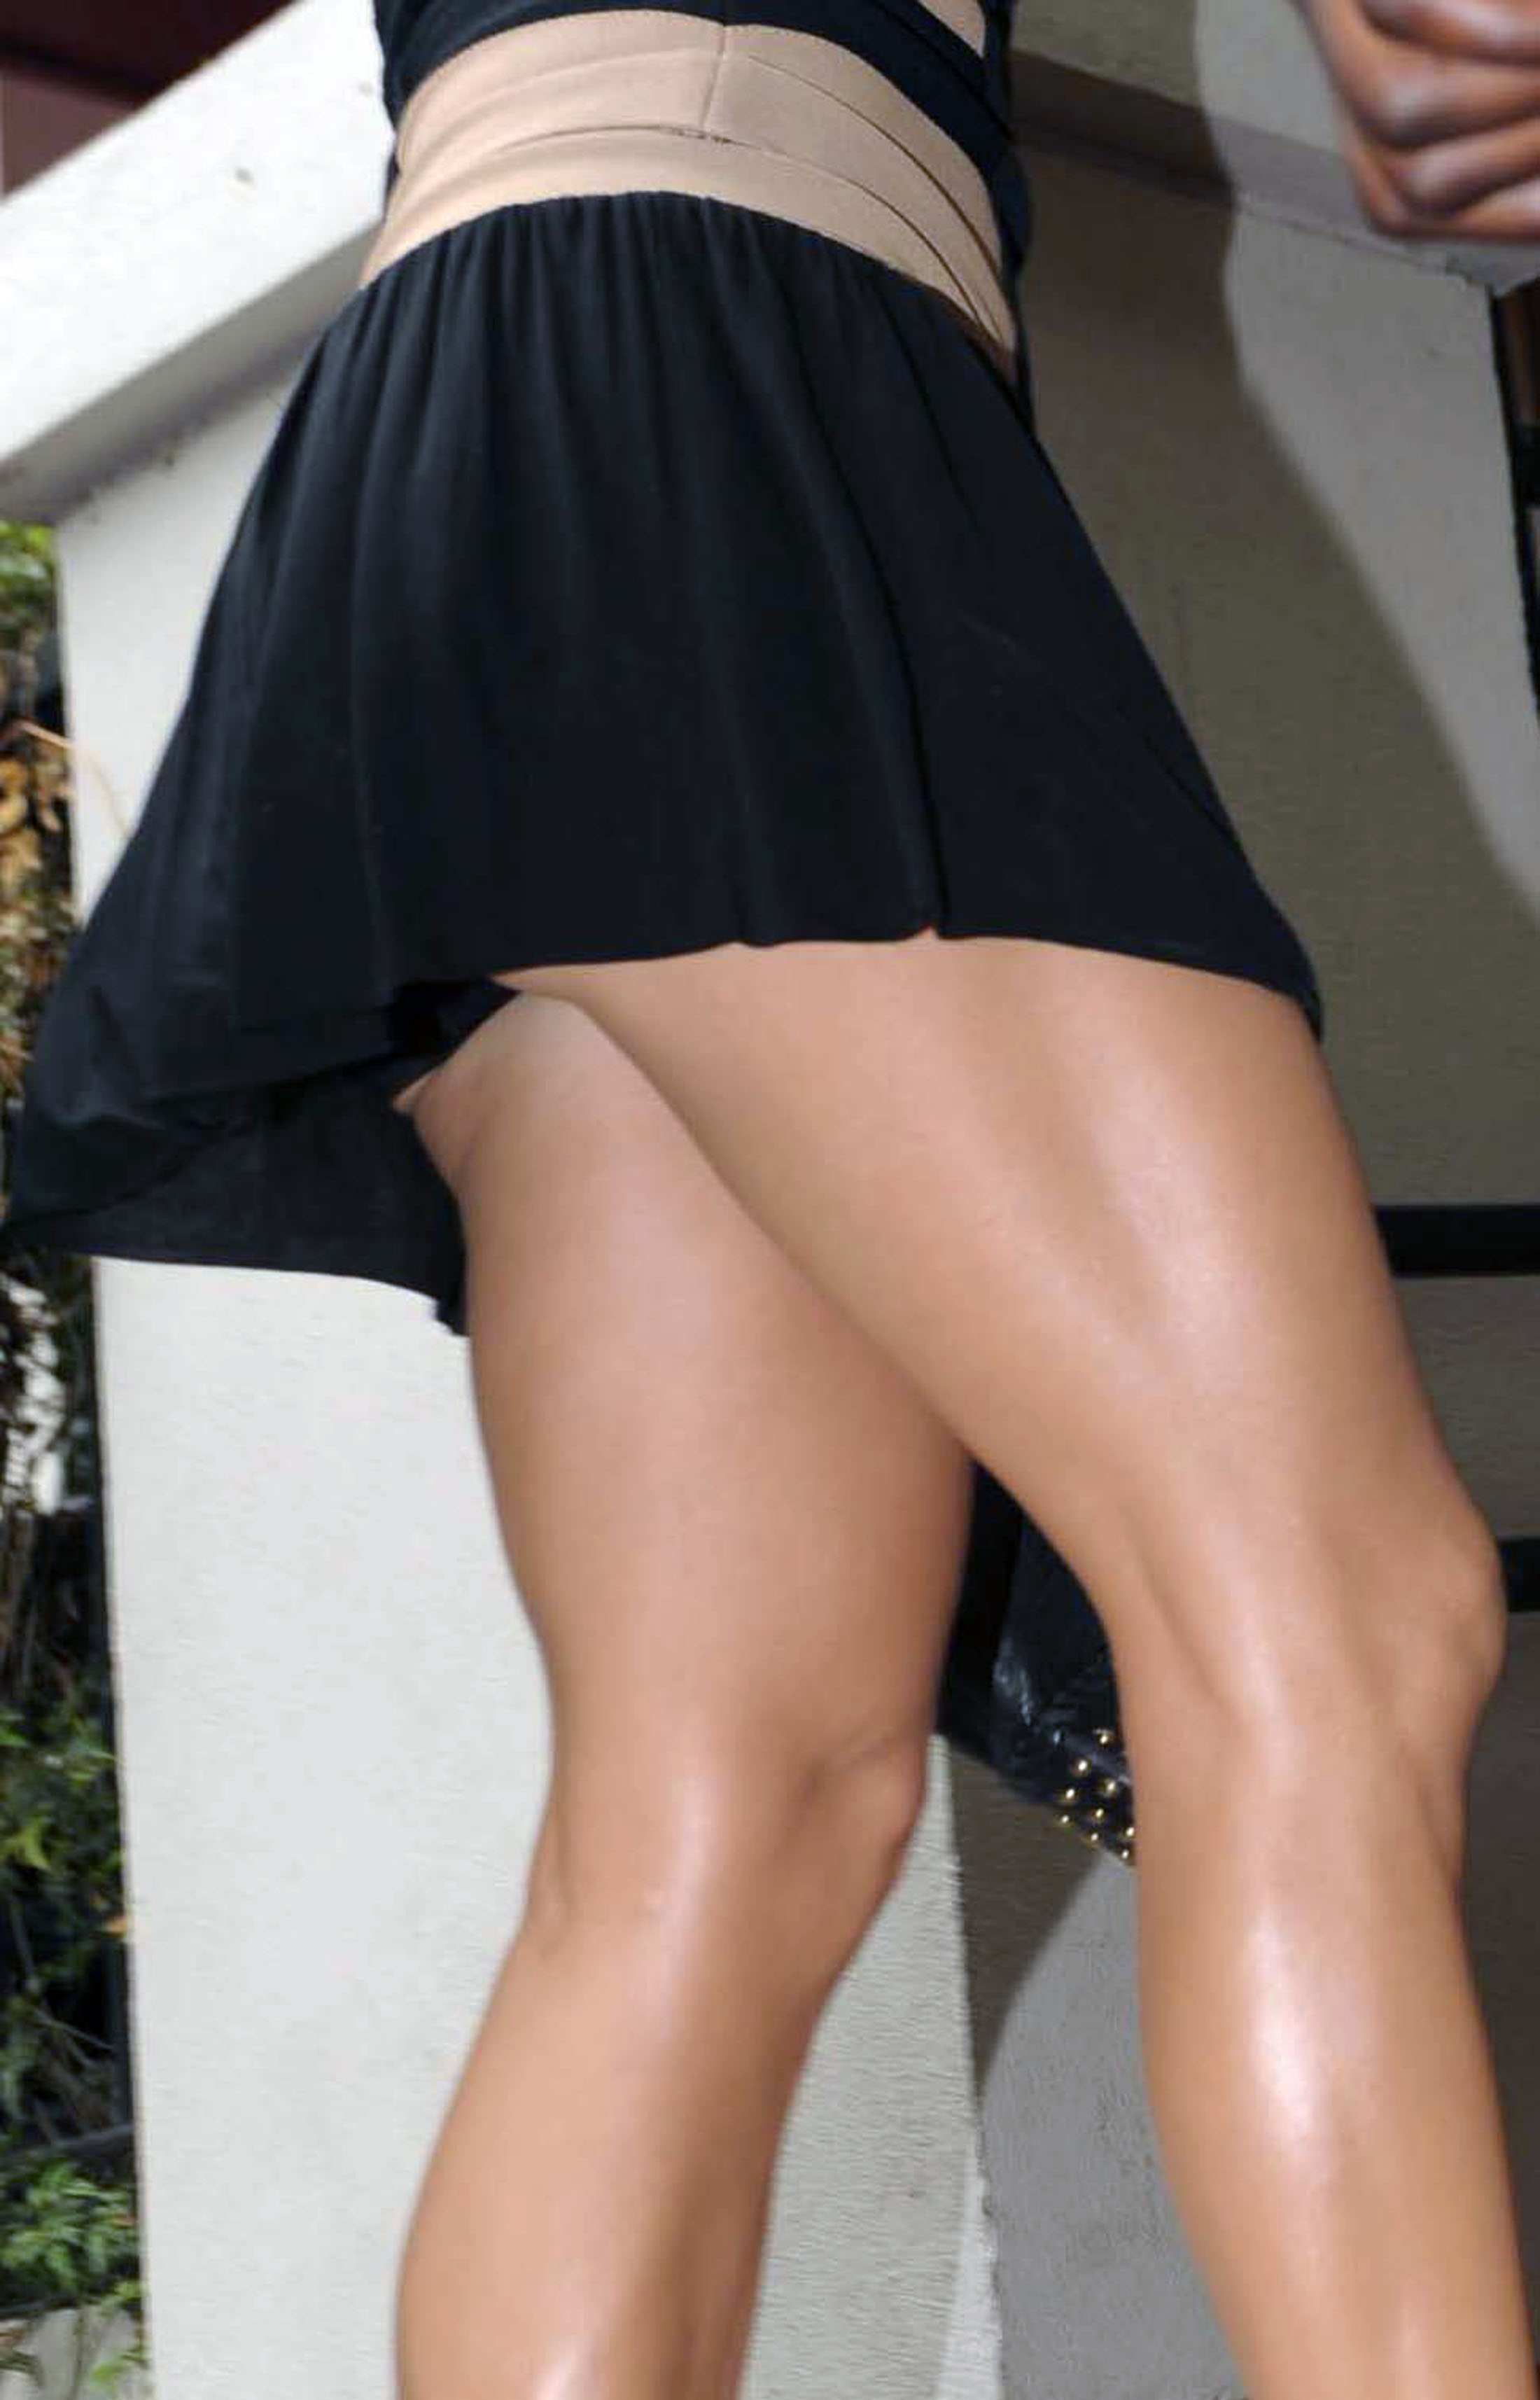 фото видео супер мини бикини порно